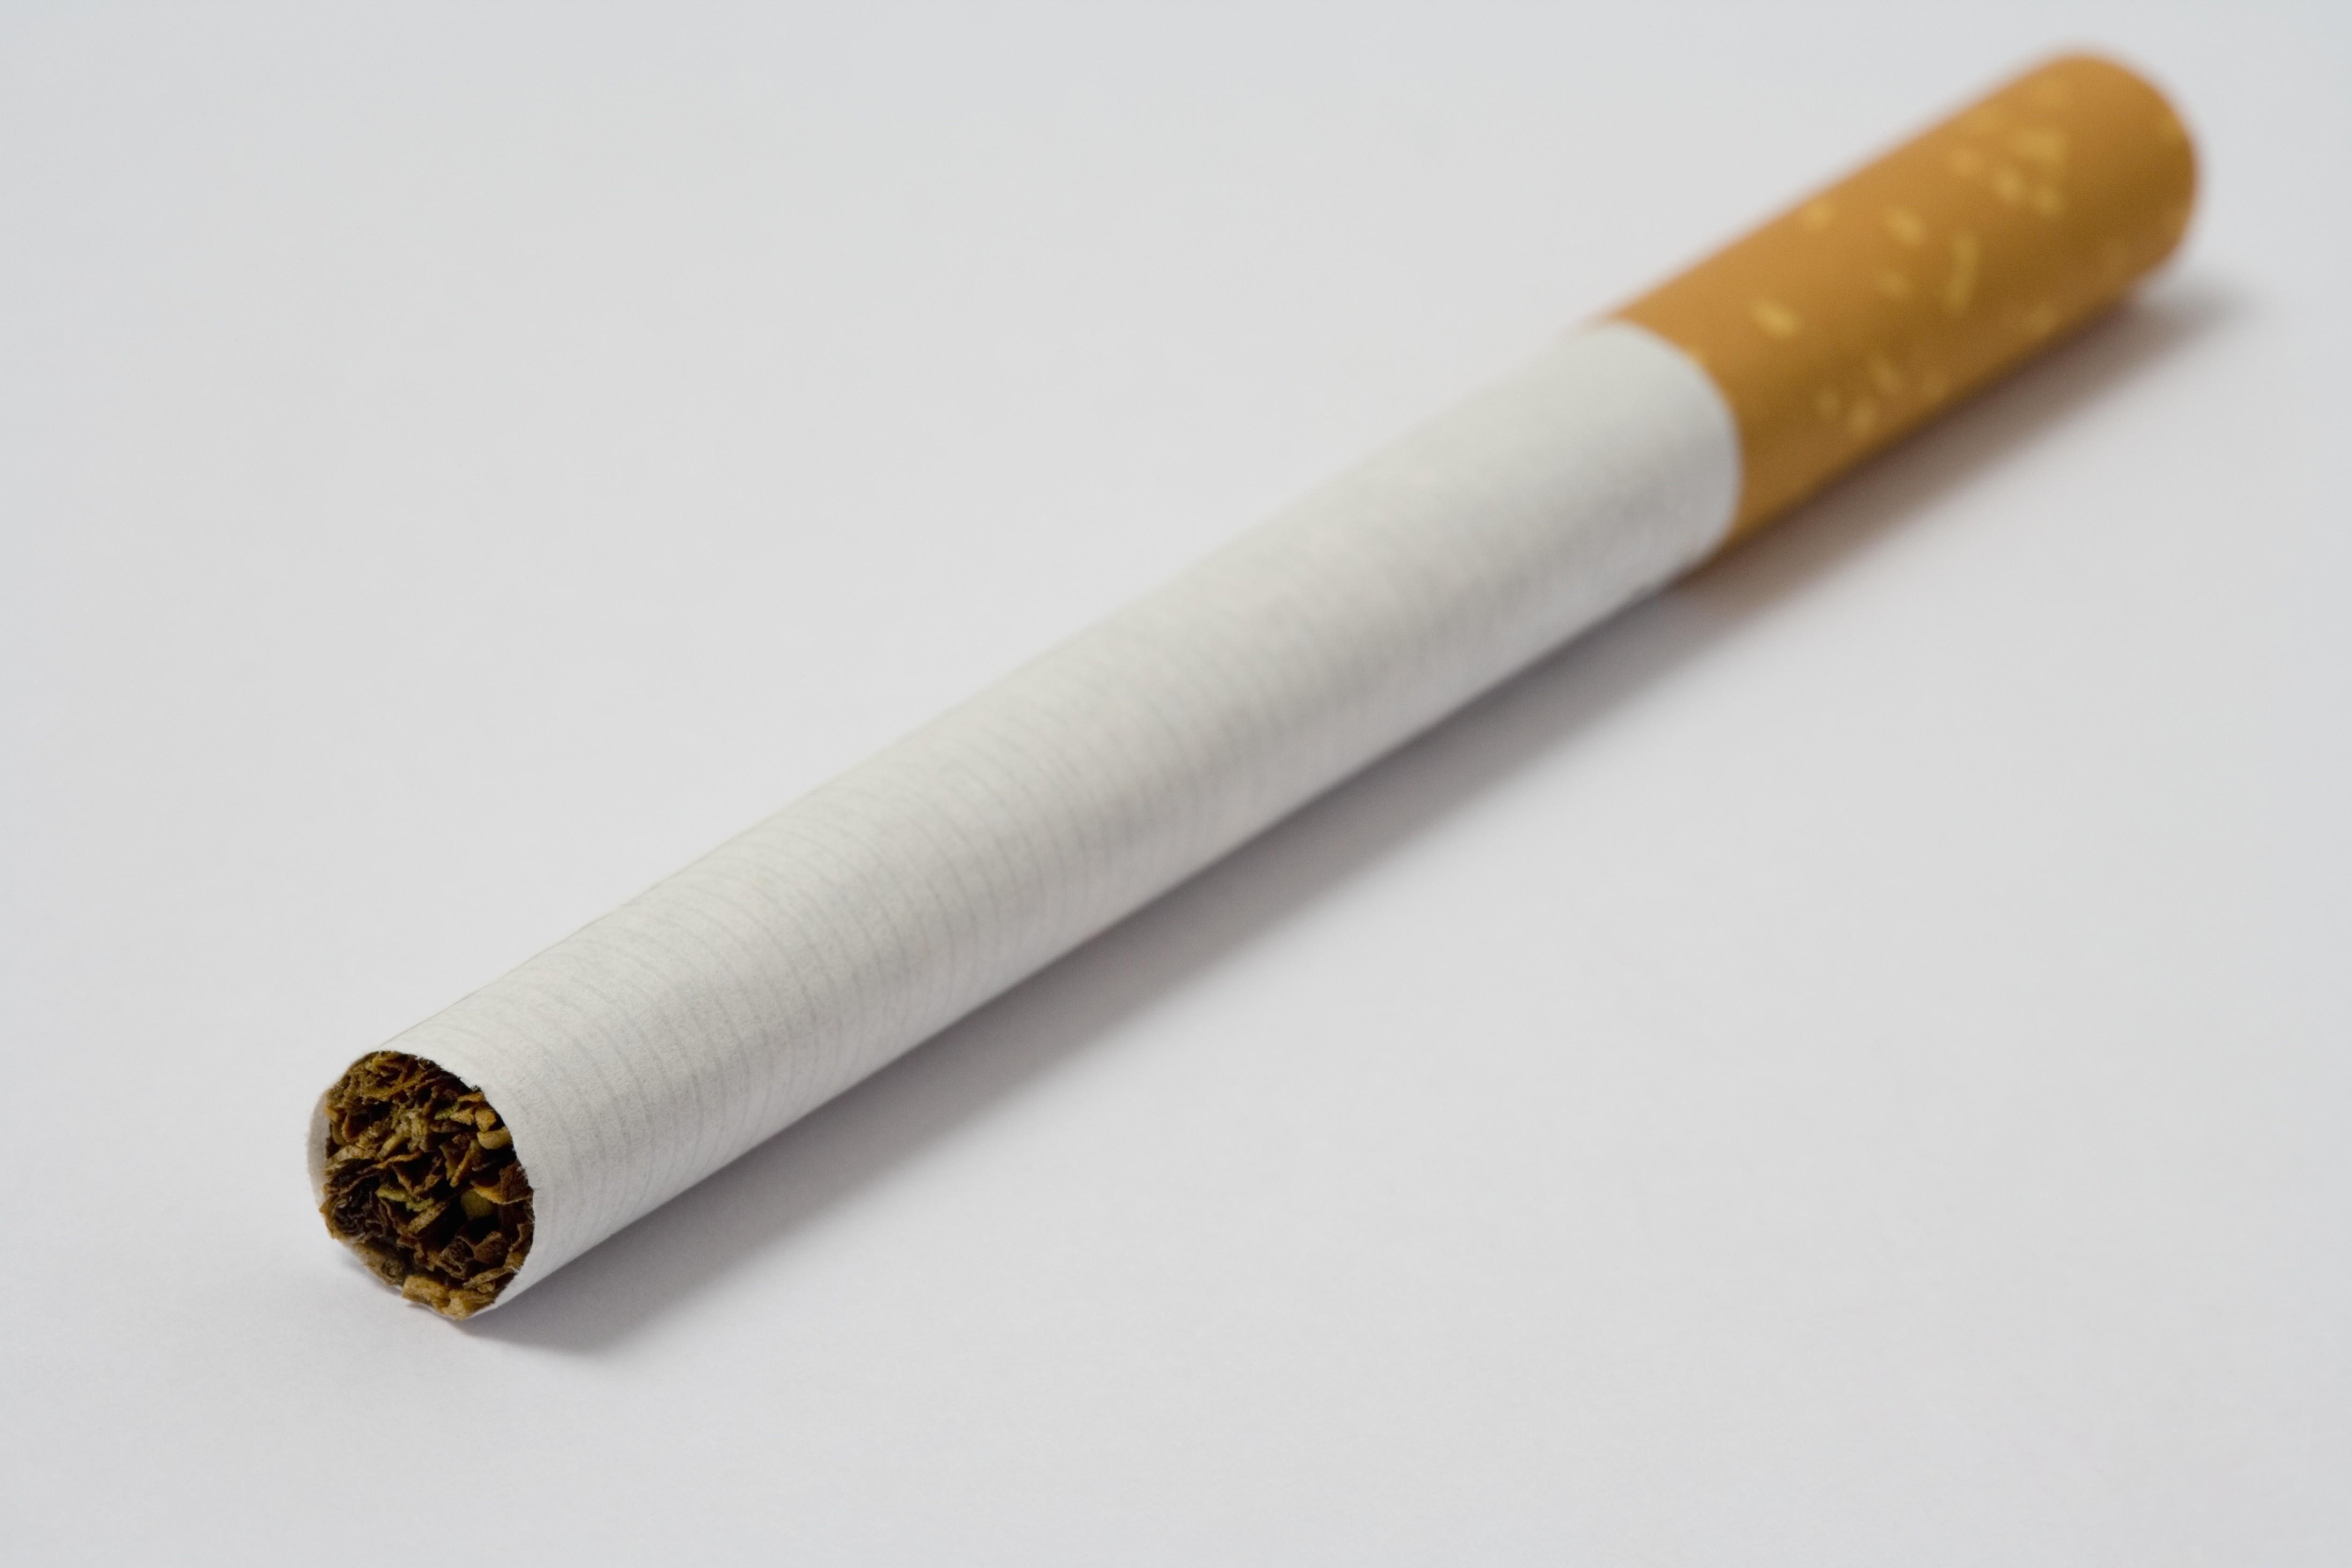 tigare! renunta la fumat!